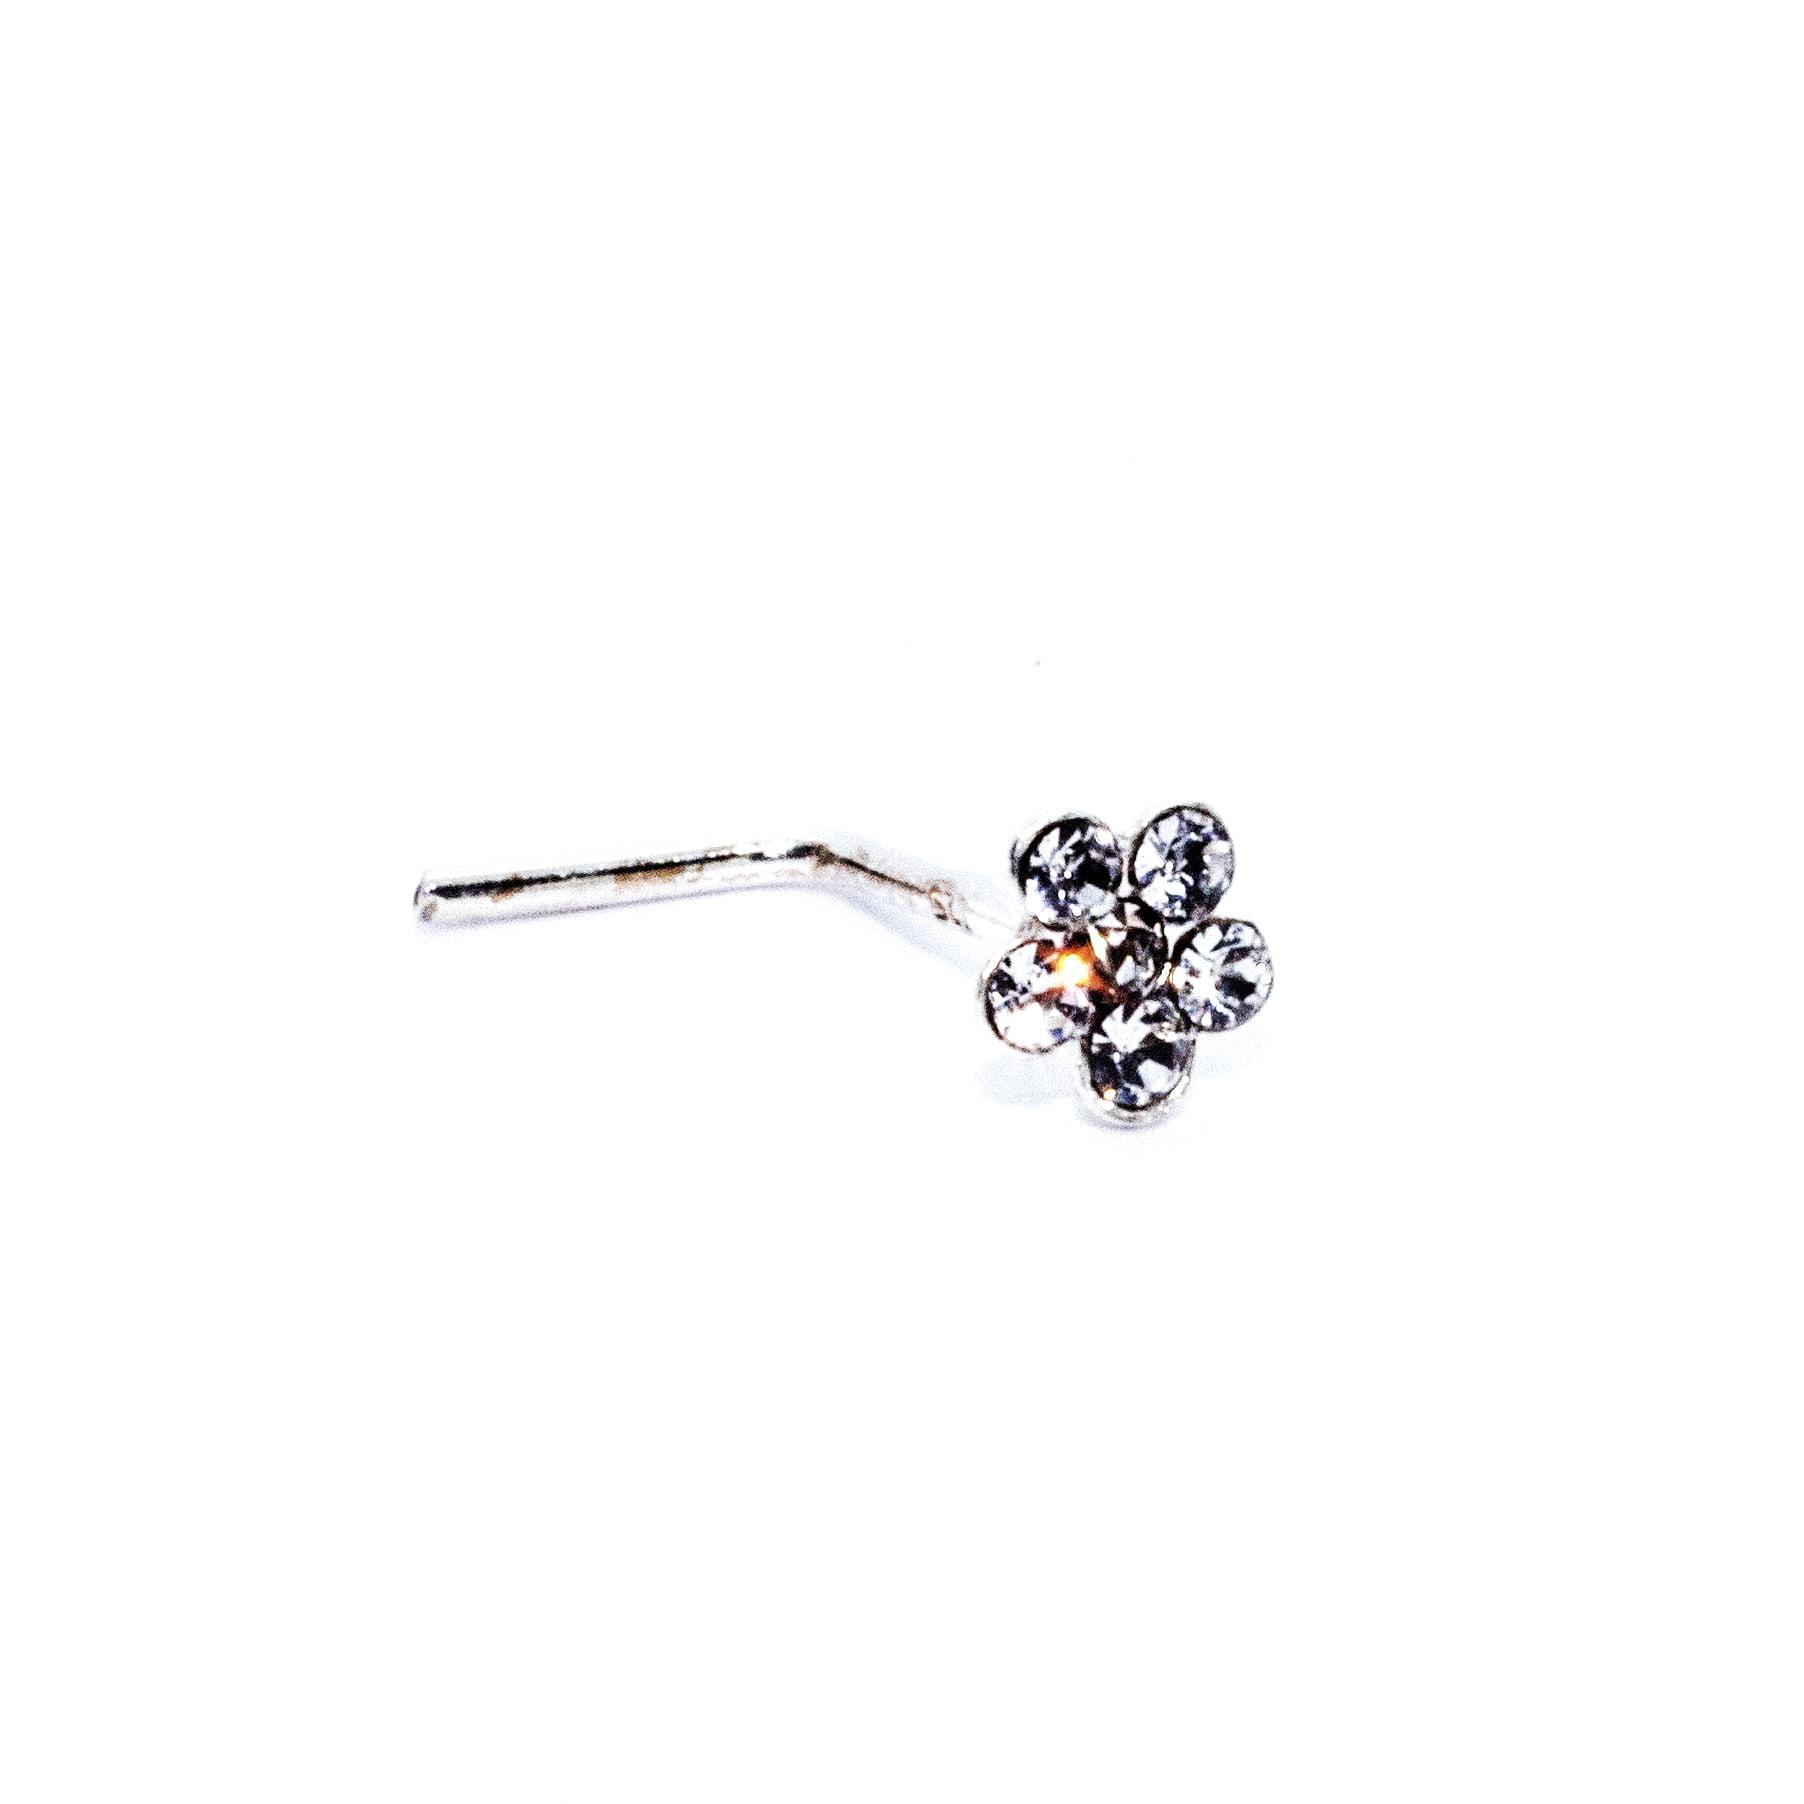 Crystal flower nose stud in sterling silver (alt3)